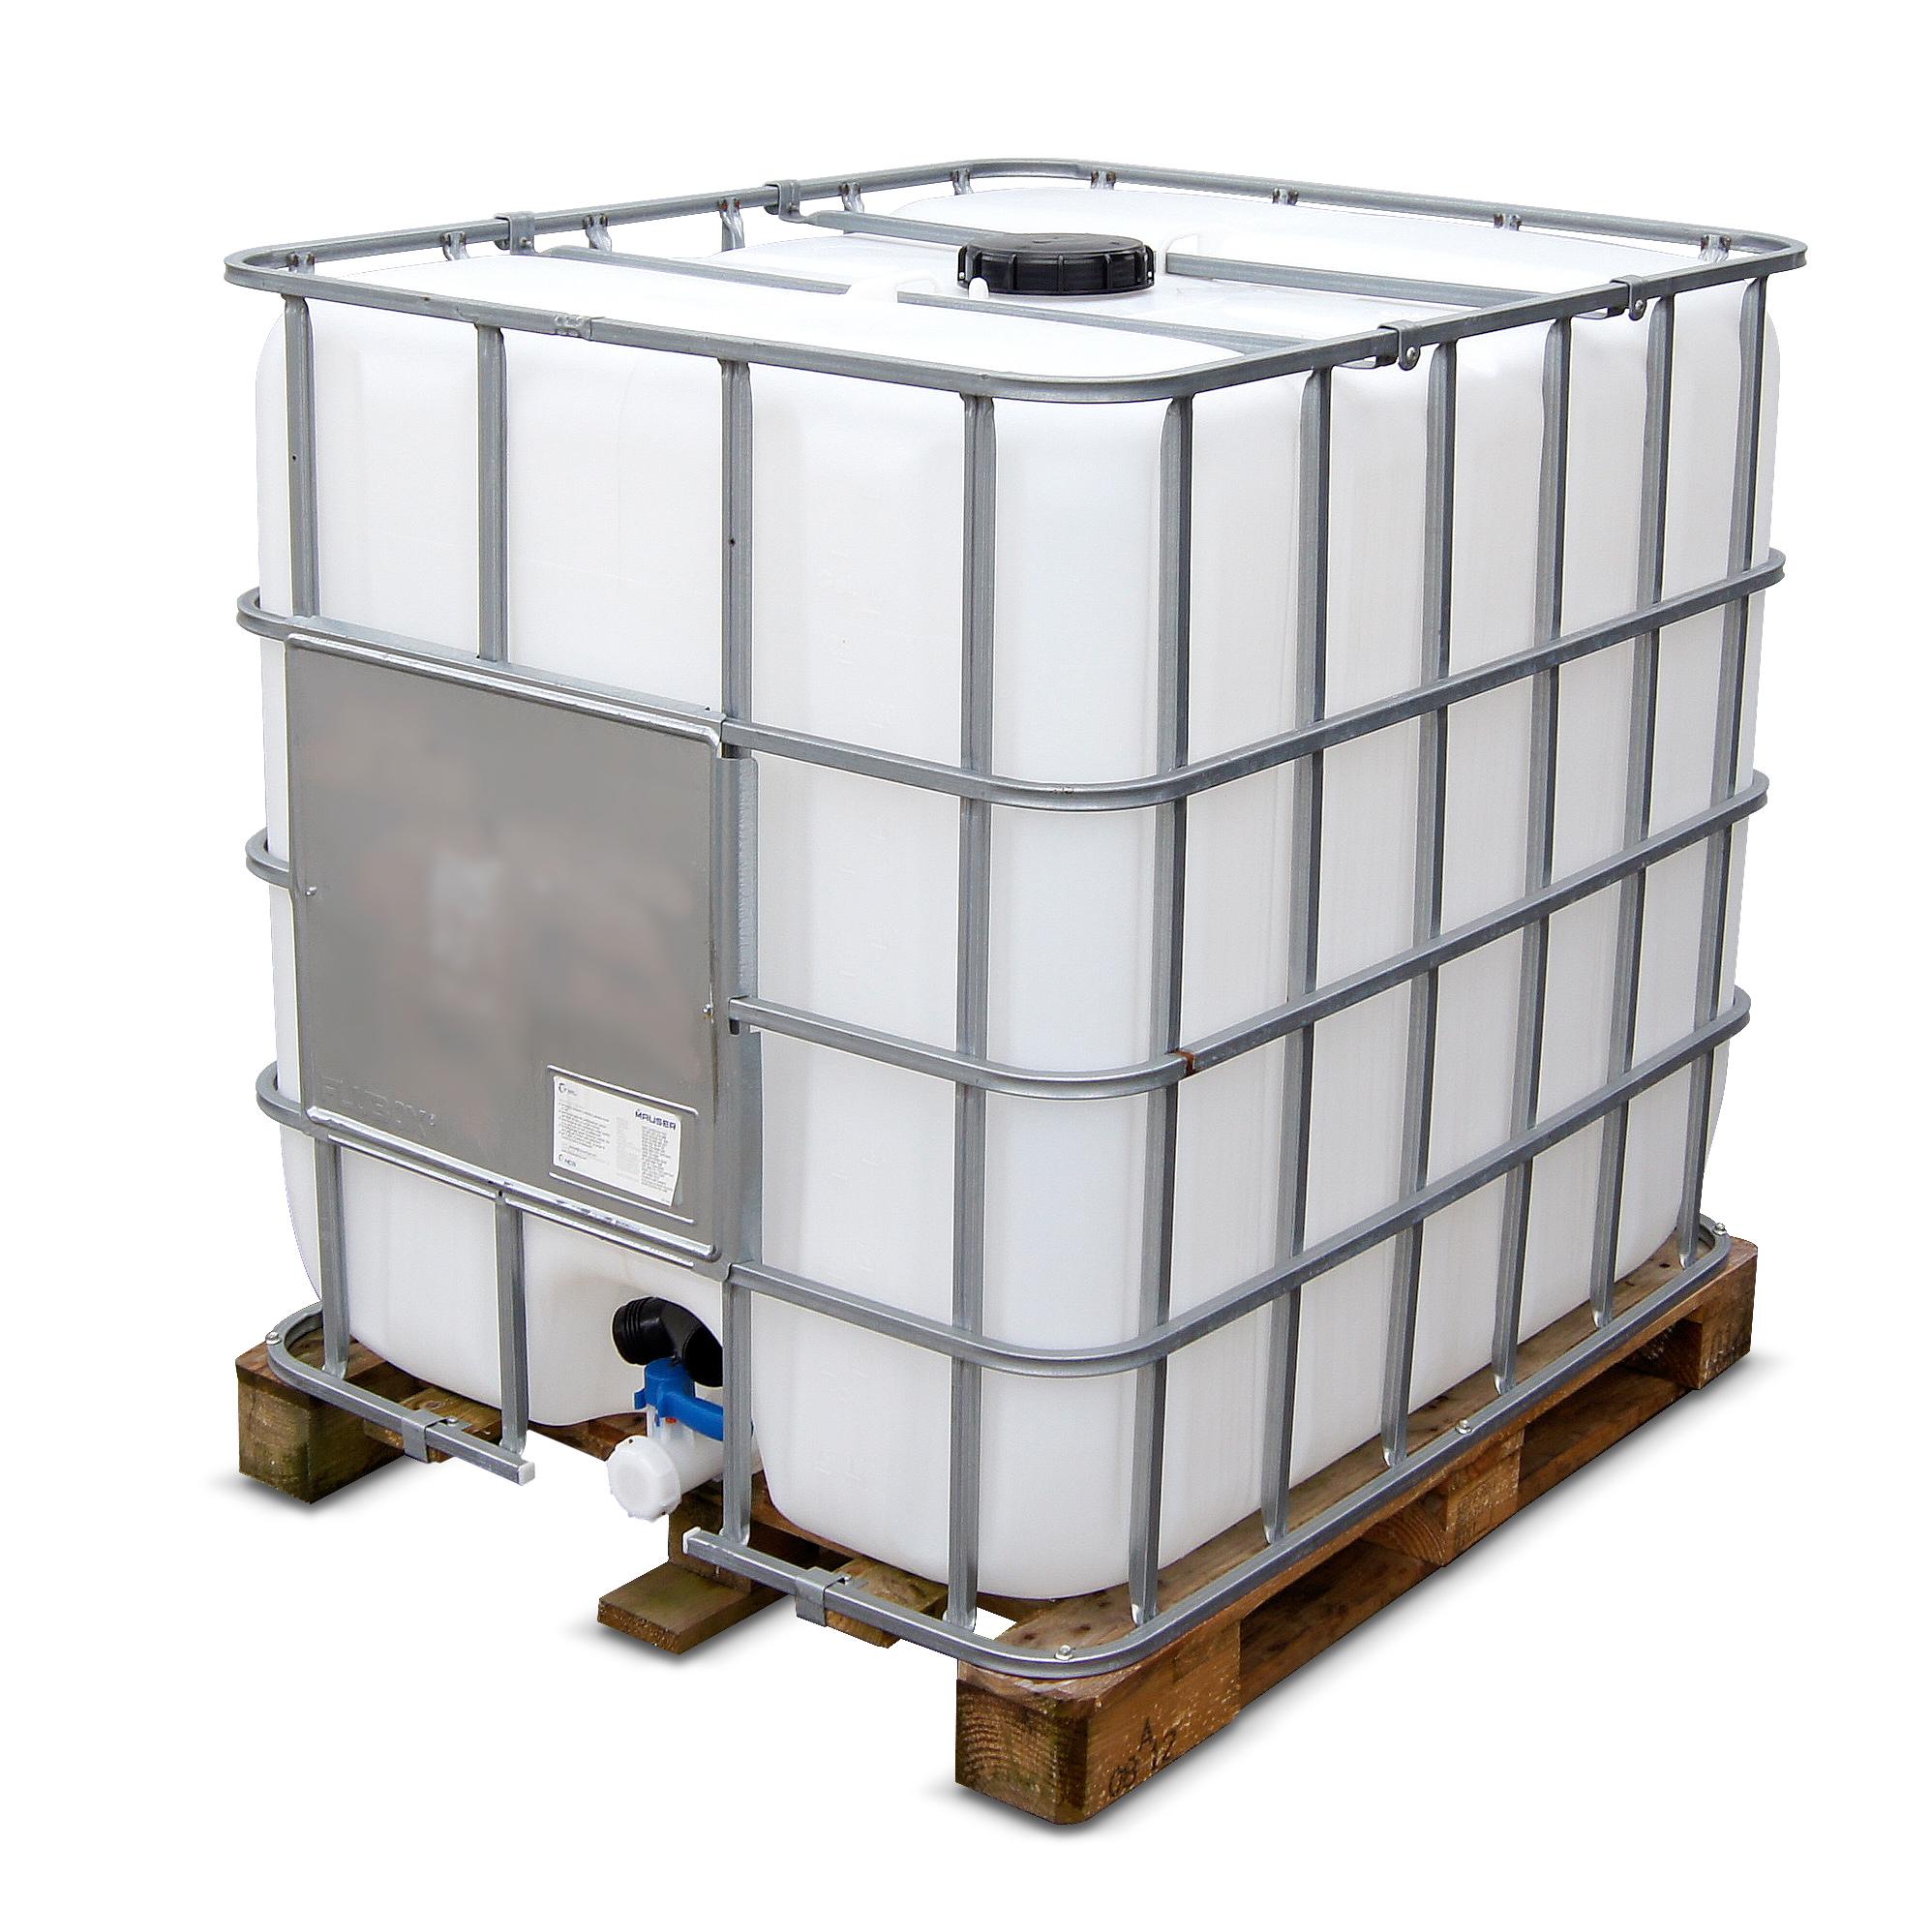 1000 L IBC Container, Holzpalette, gebraucht gereinigt, 150/50, ohne UN